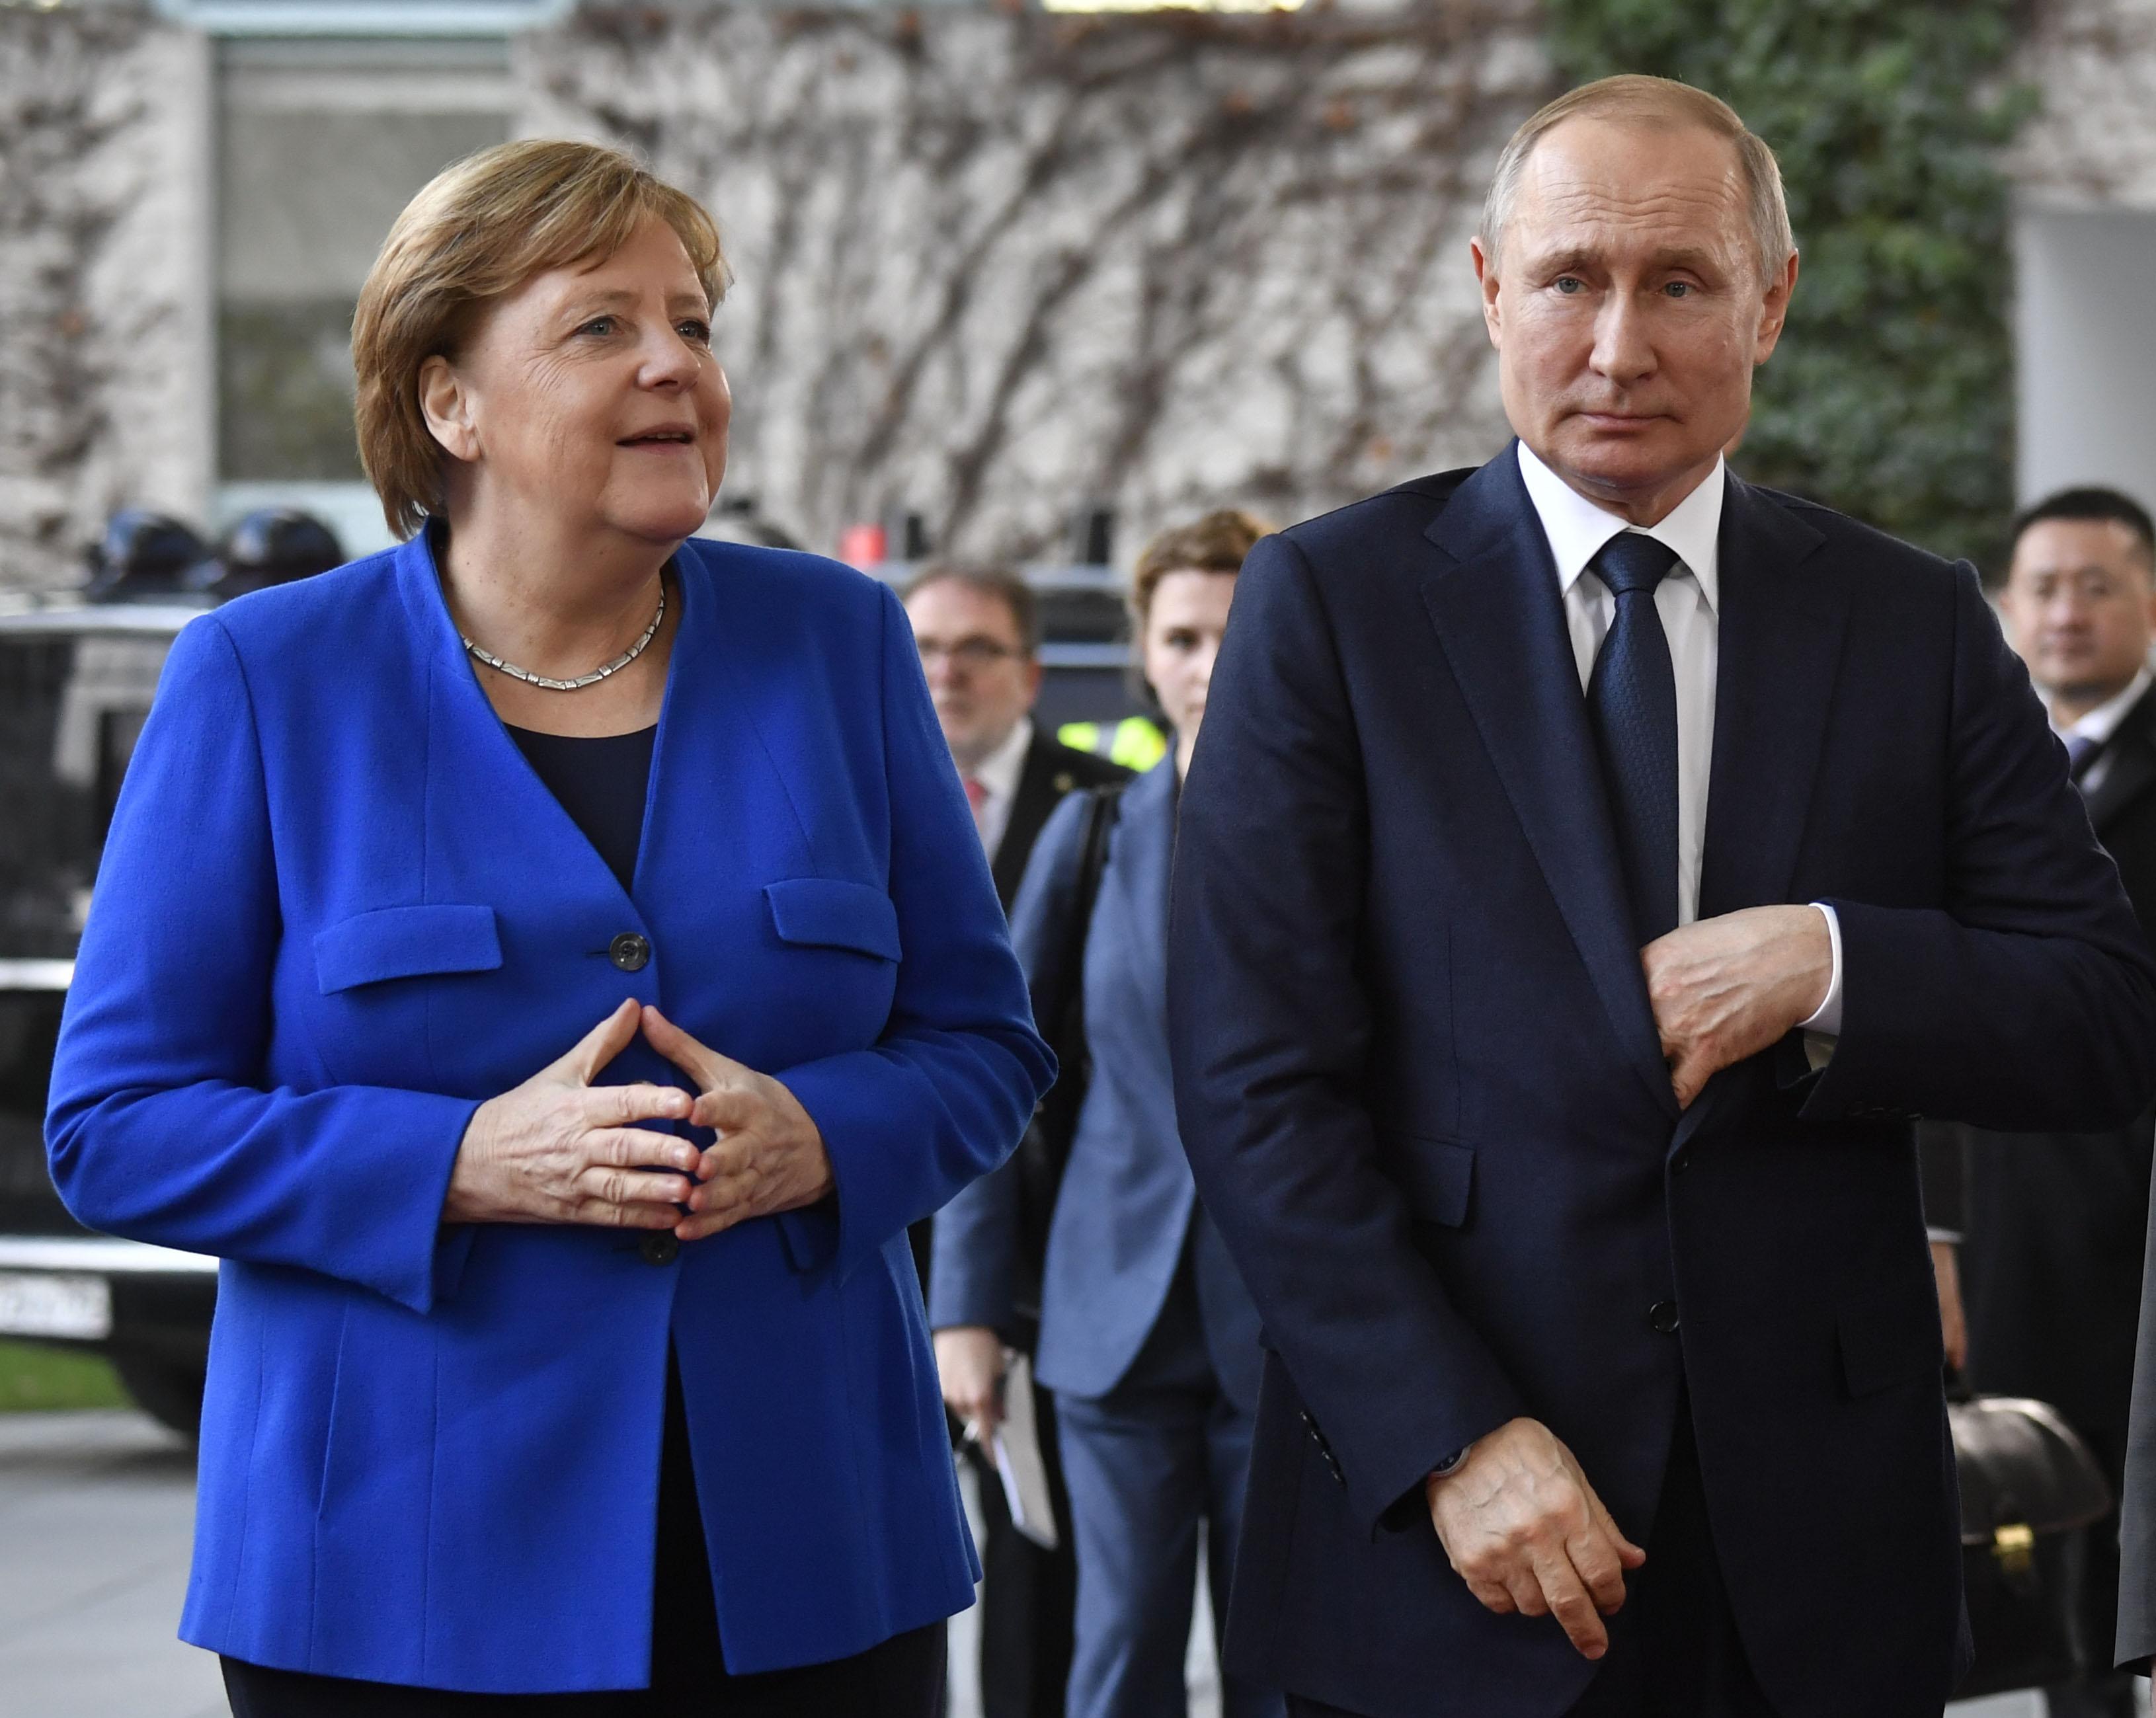 Az Európai Parlament leállíttatná az Északi Áramlat 2-t Navalnij megmérgezése miatt